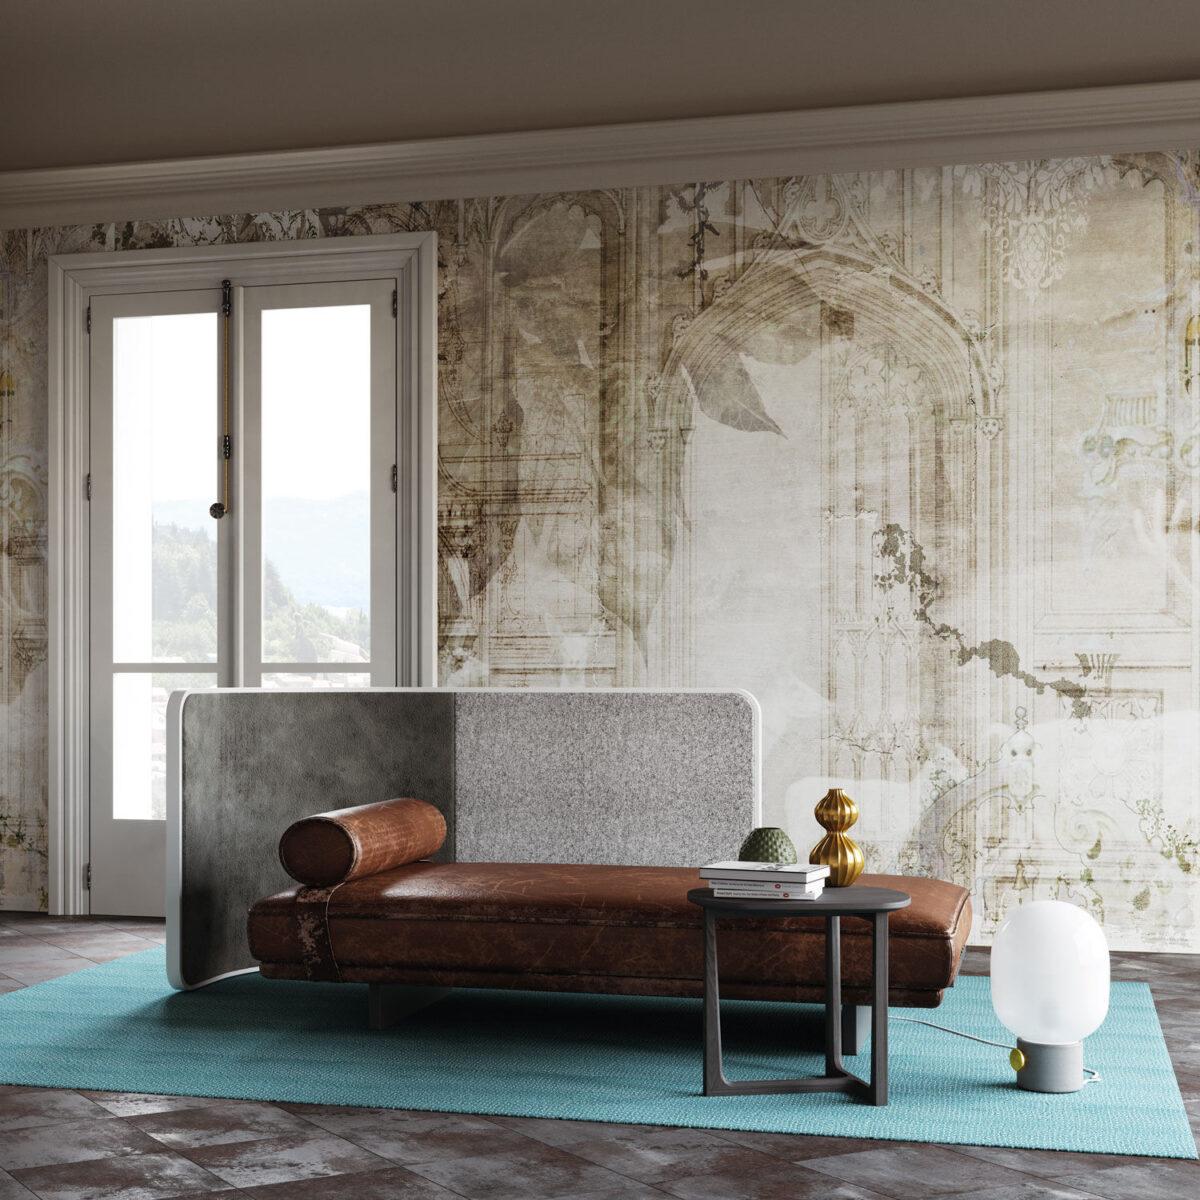 carta-da-parati-classica-per-soggiorno-10-idee-e-foto-06